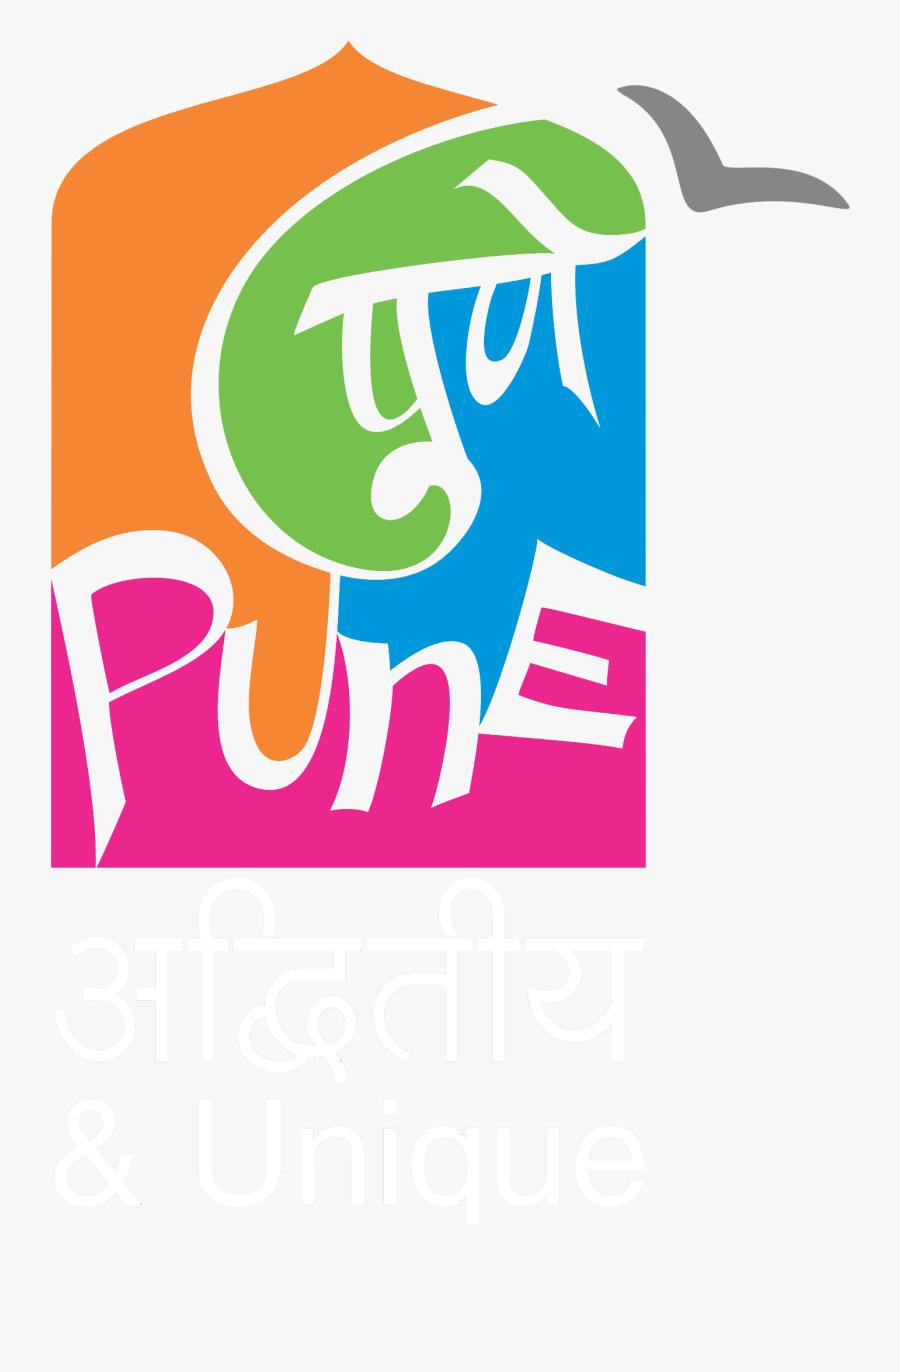 Smart City Pune Municipal Corporation - Pune Smart City Logo, Transparent Clipart